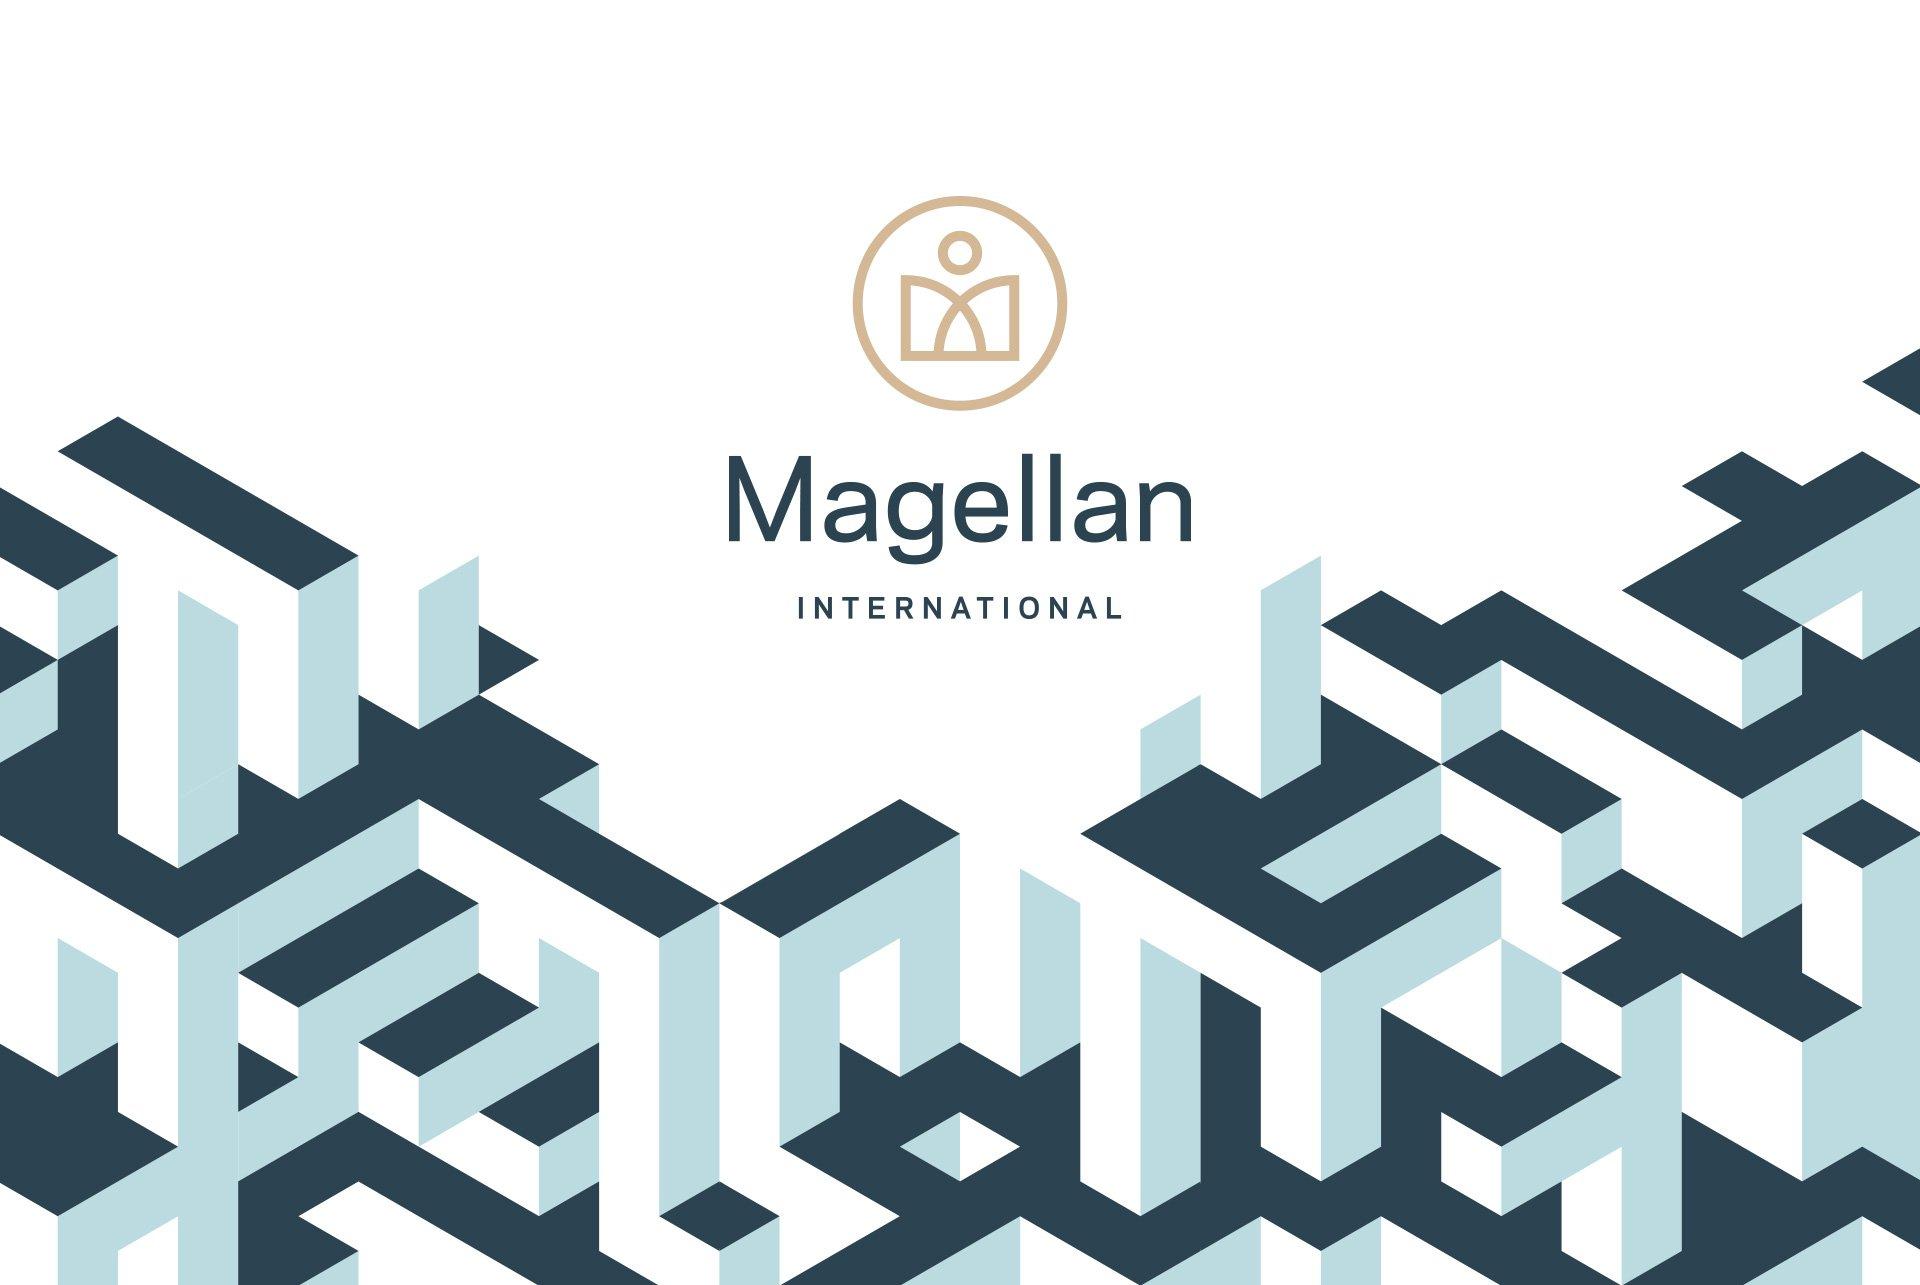 Magellan International